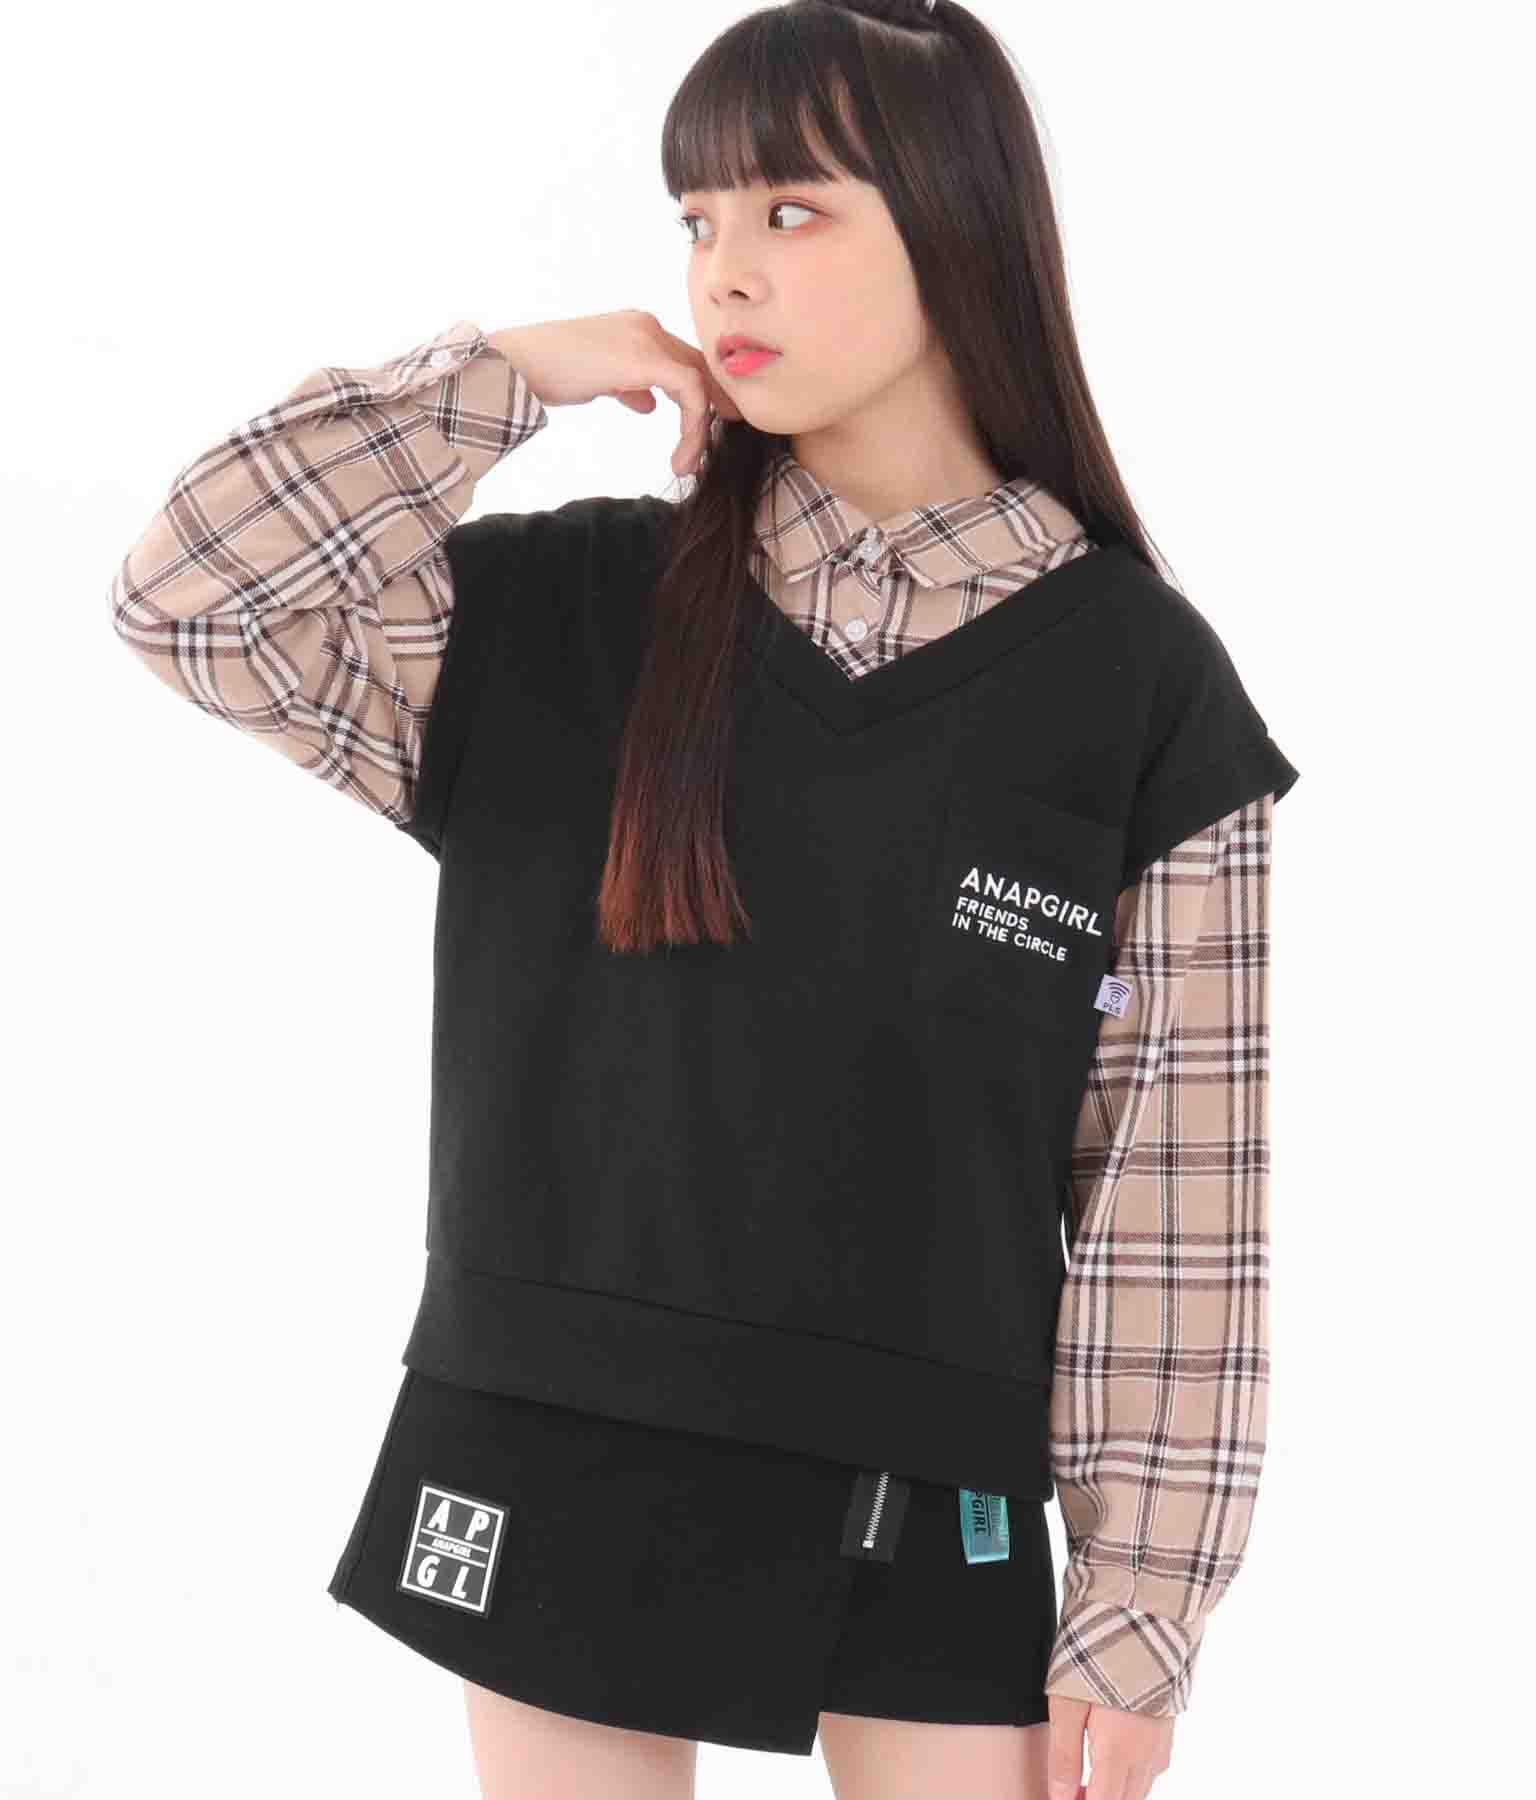 フェイクレイヤードベストシャツ(トップス/カットソー ) | ANAP GiRL